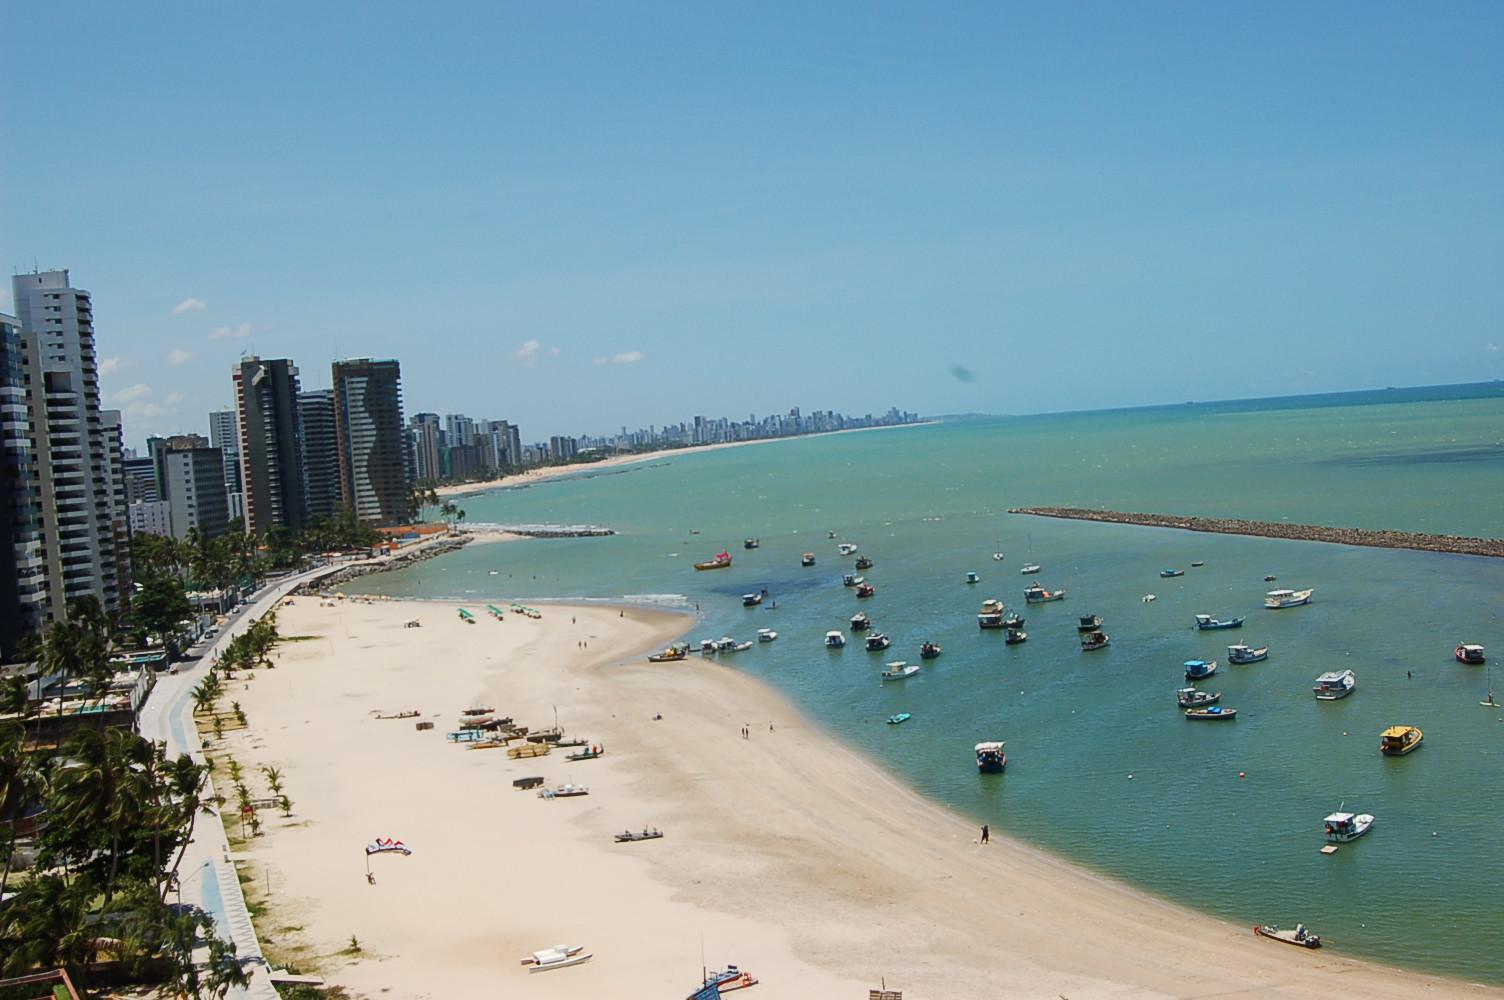 Praia_de_Candeias - Candeias (Jaboatão dos Guararapes)